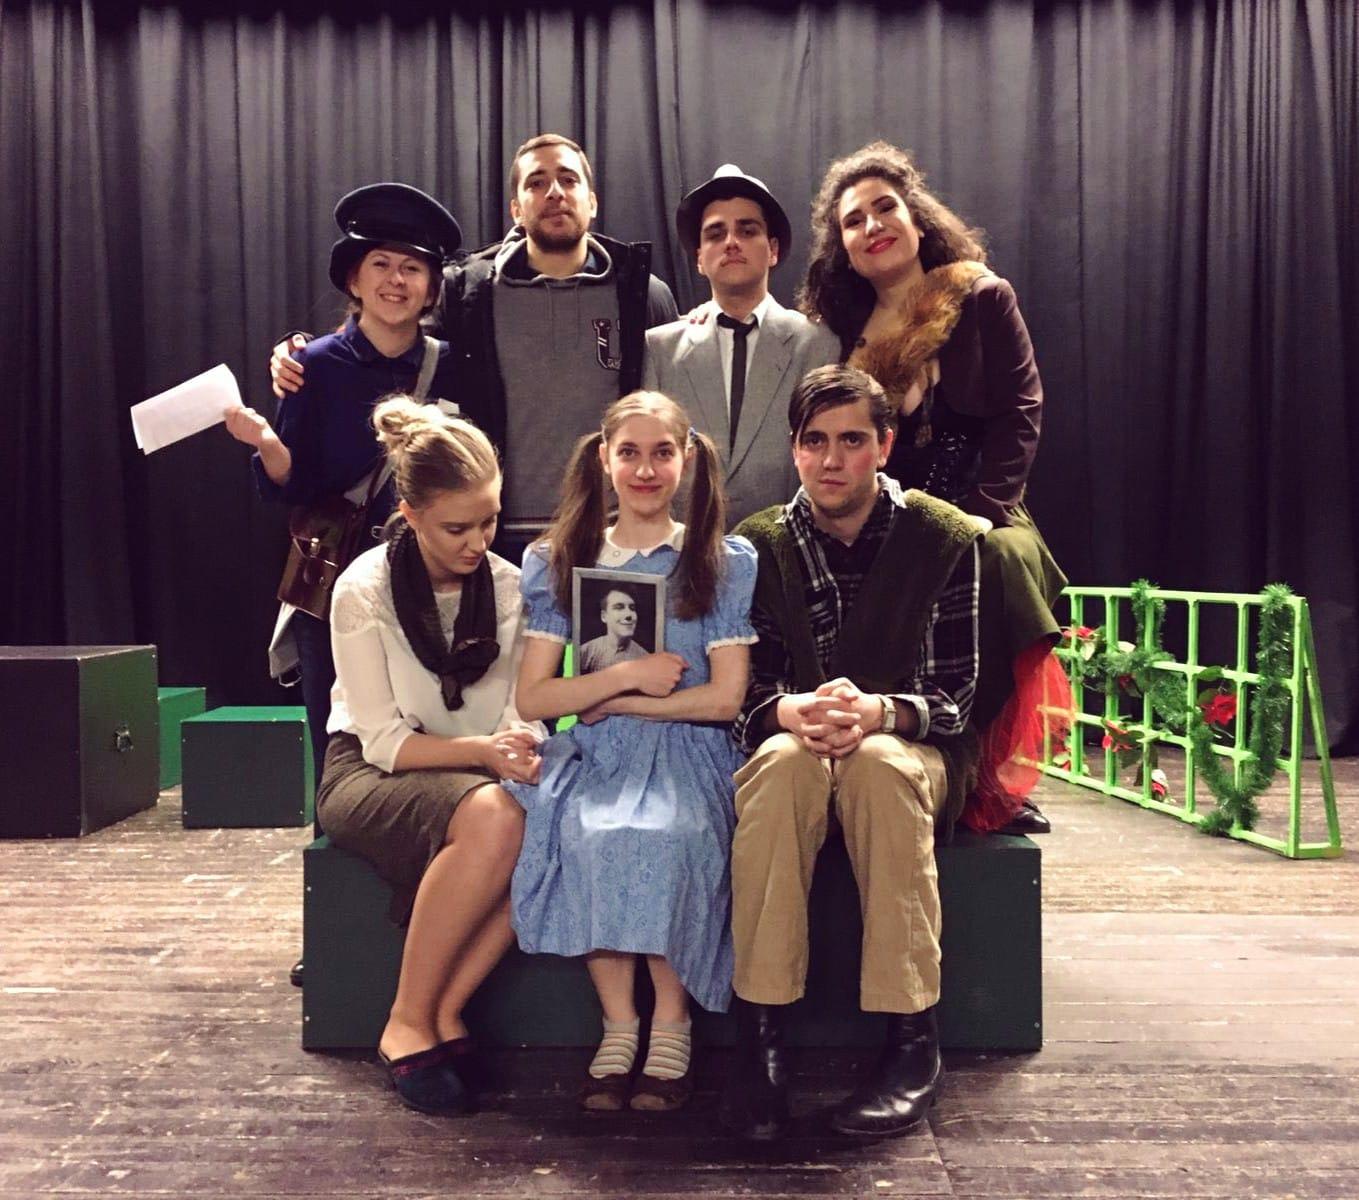 Predstava Totovi višestruko nagrađena na Prvom humanitarnom pozorišnom festivalu Daske humanosti u Nišu